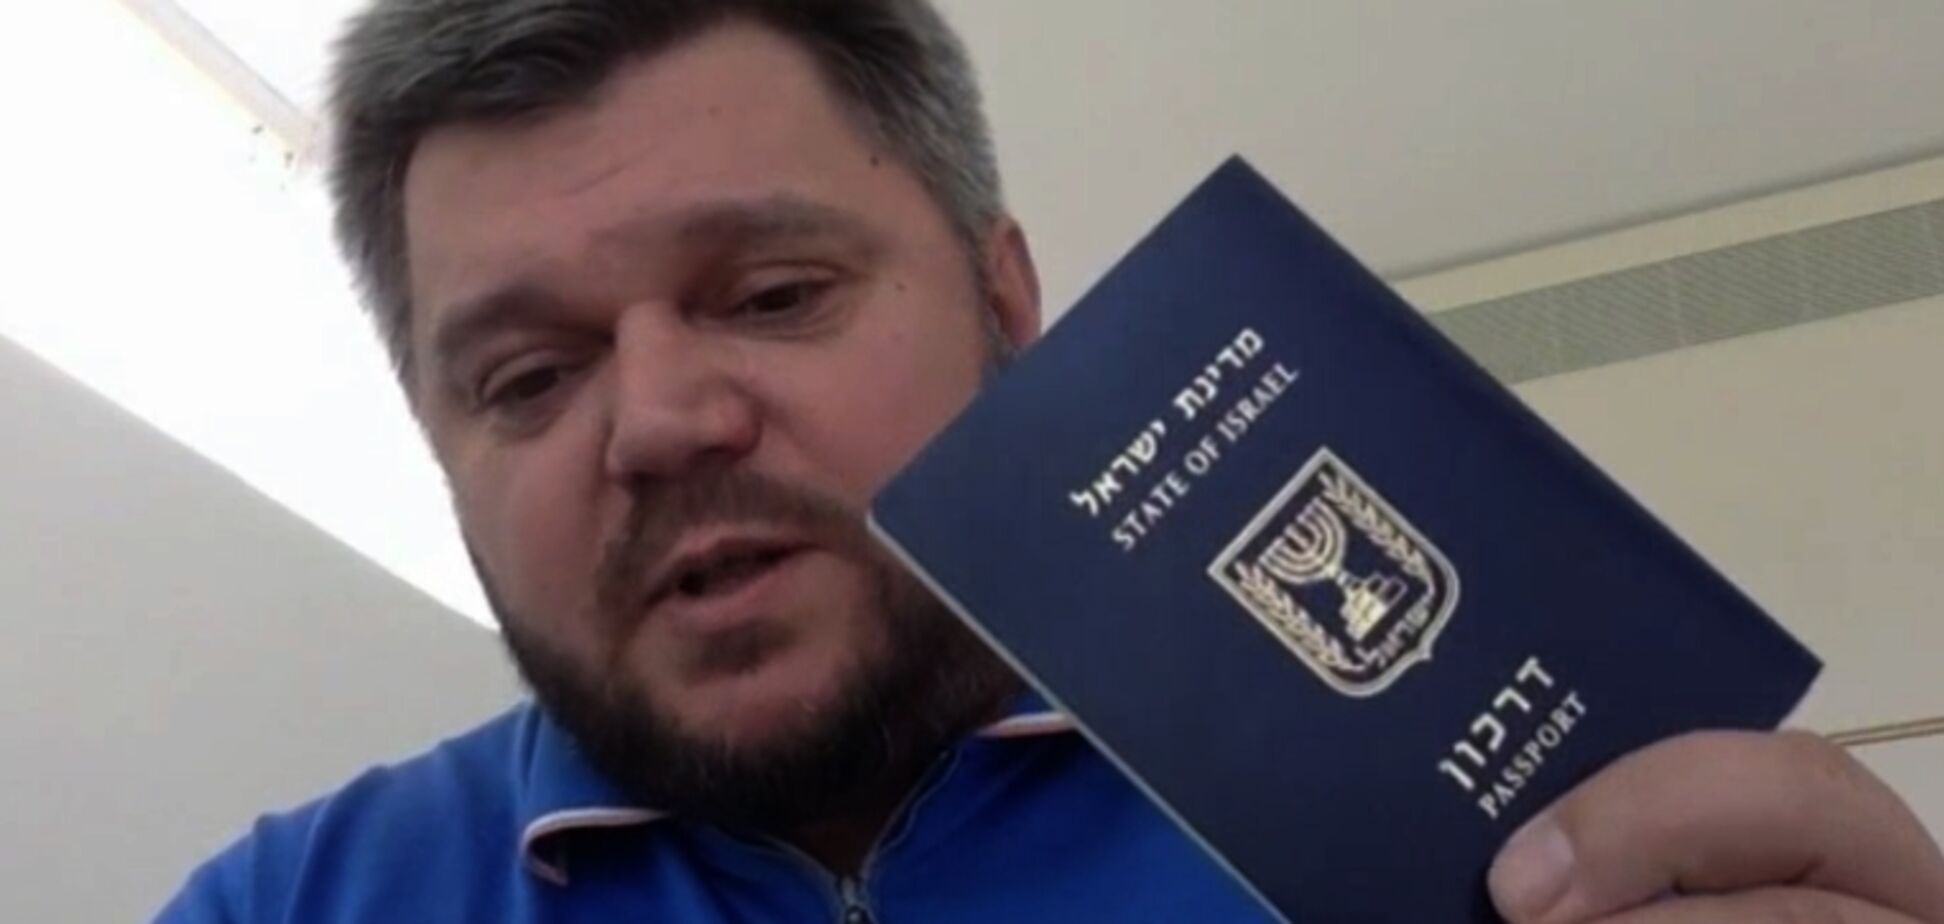 Втеча в Ізраїль екс-соратника Януковича: з'явилися скандальні подробиці